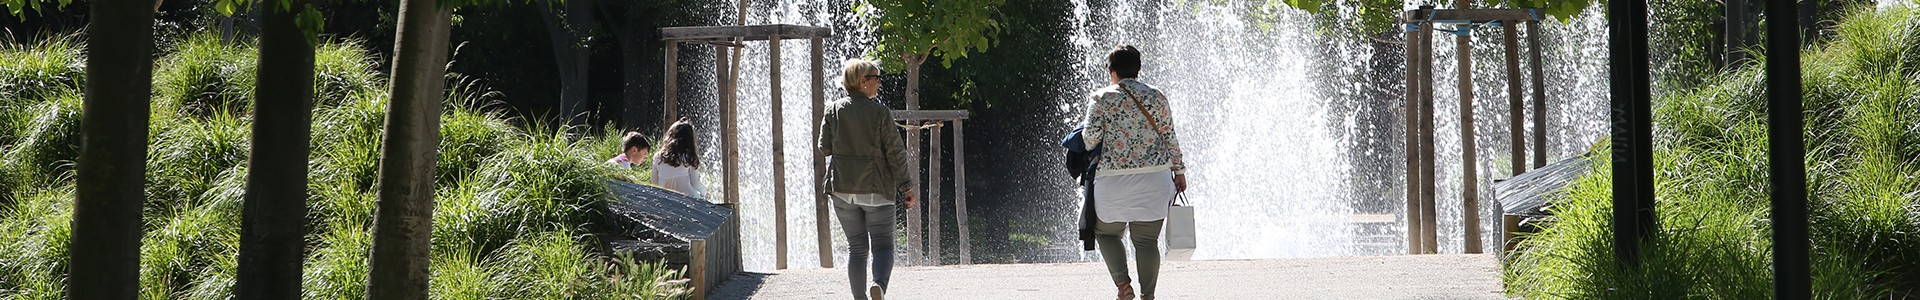 Parc & Loisirs à Istres